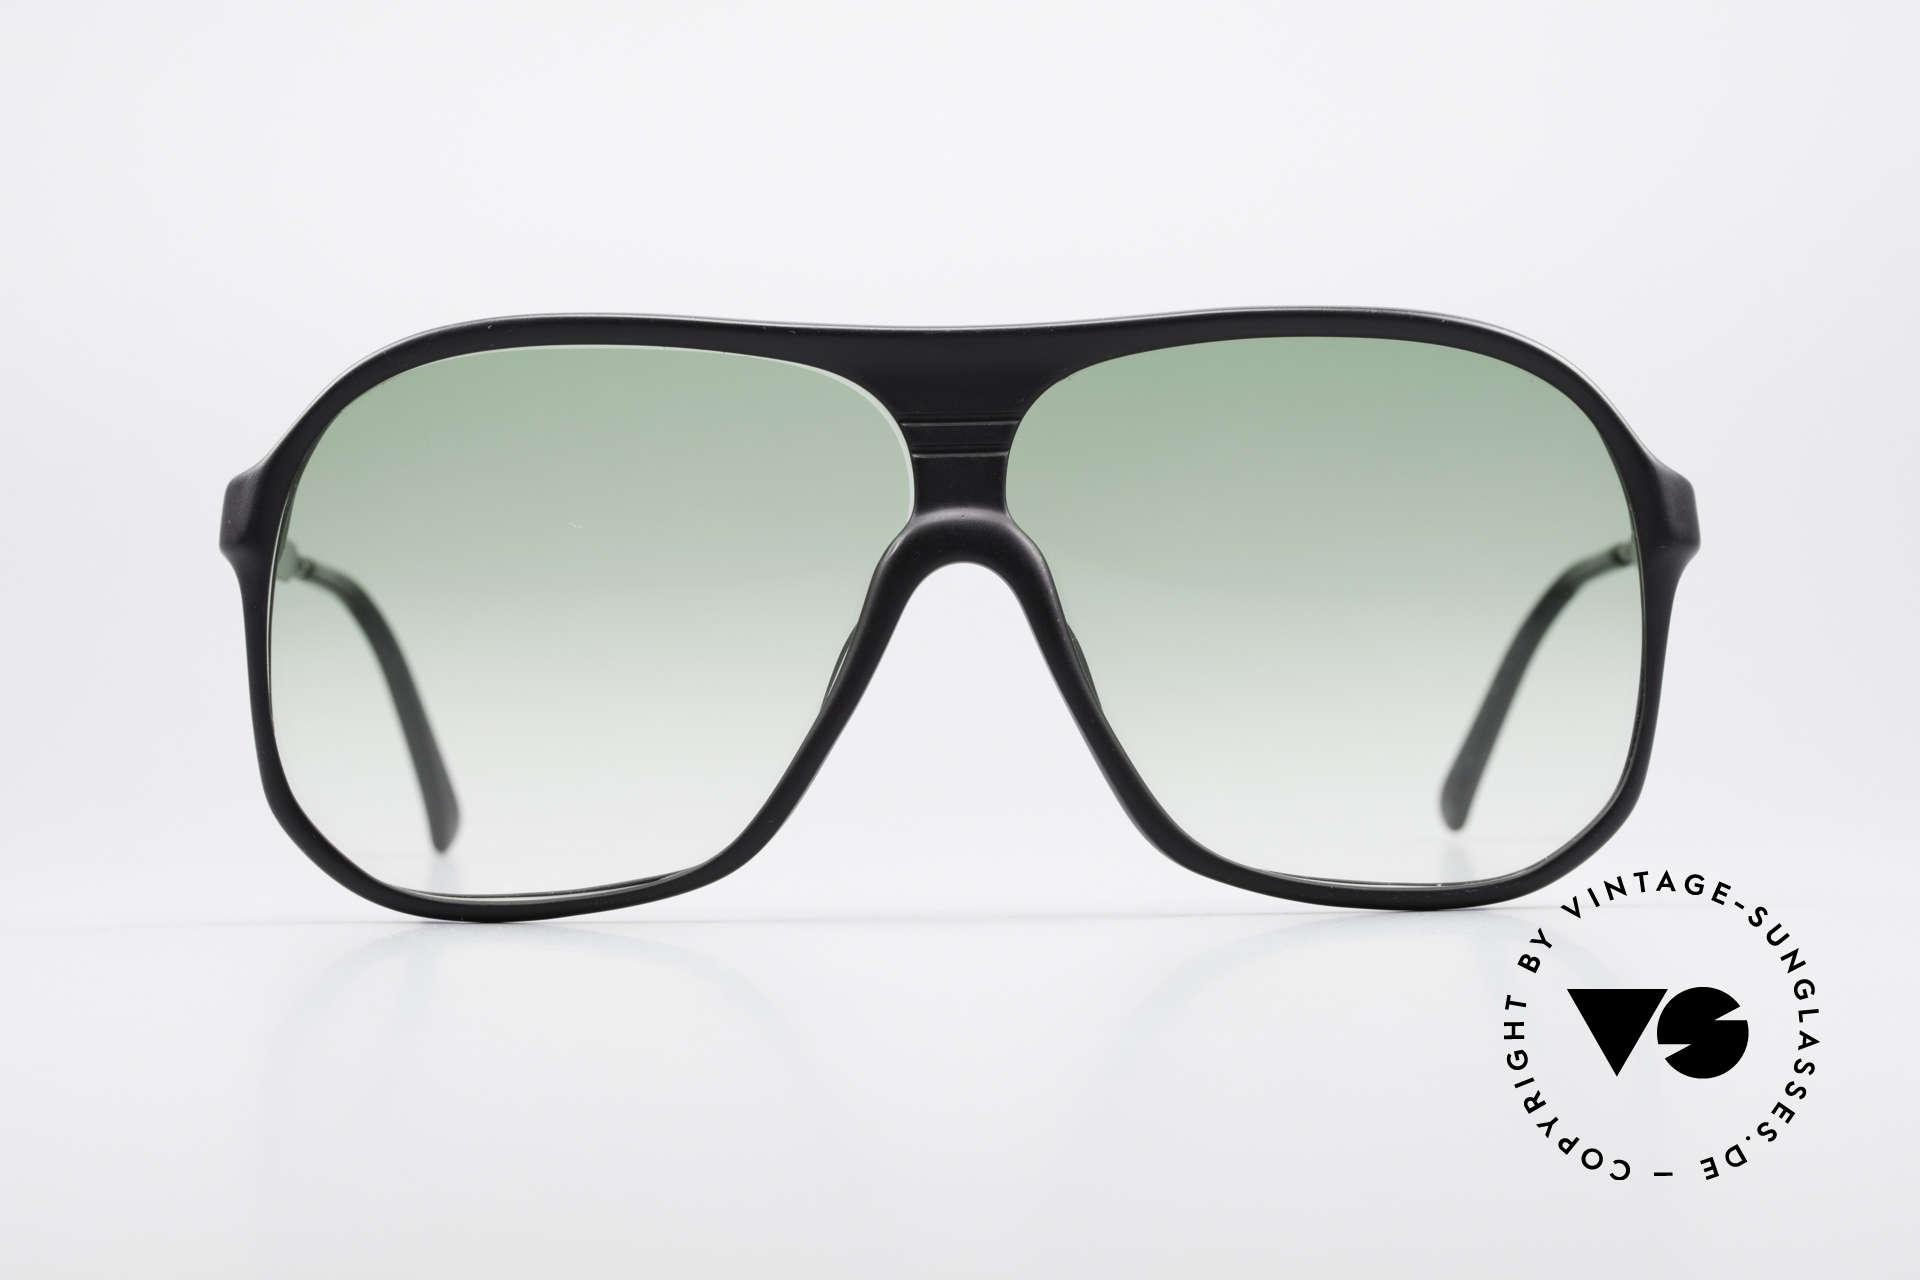 6da43811a238f Sunglasses Carrera 5535 Optyl Sunglasses 70 s Shades